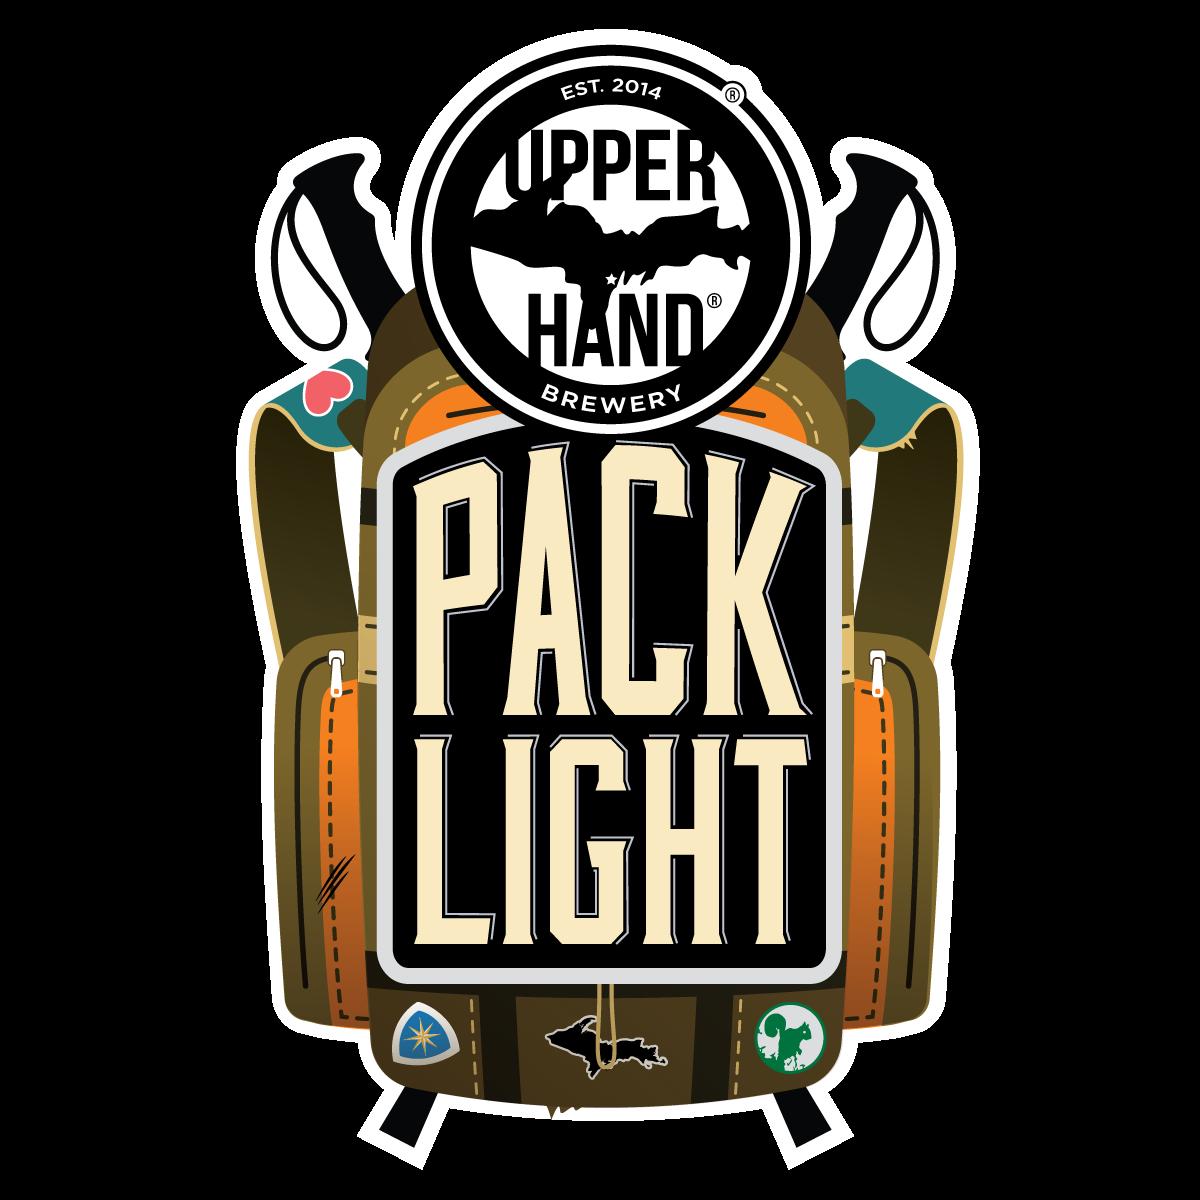 Pack Light